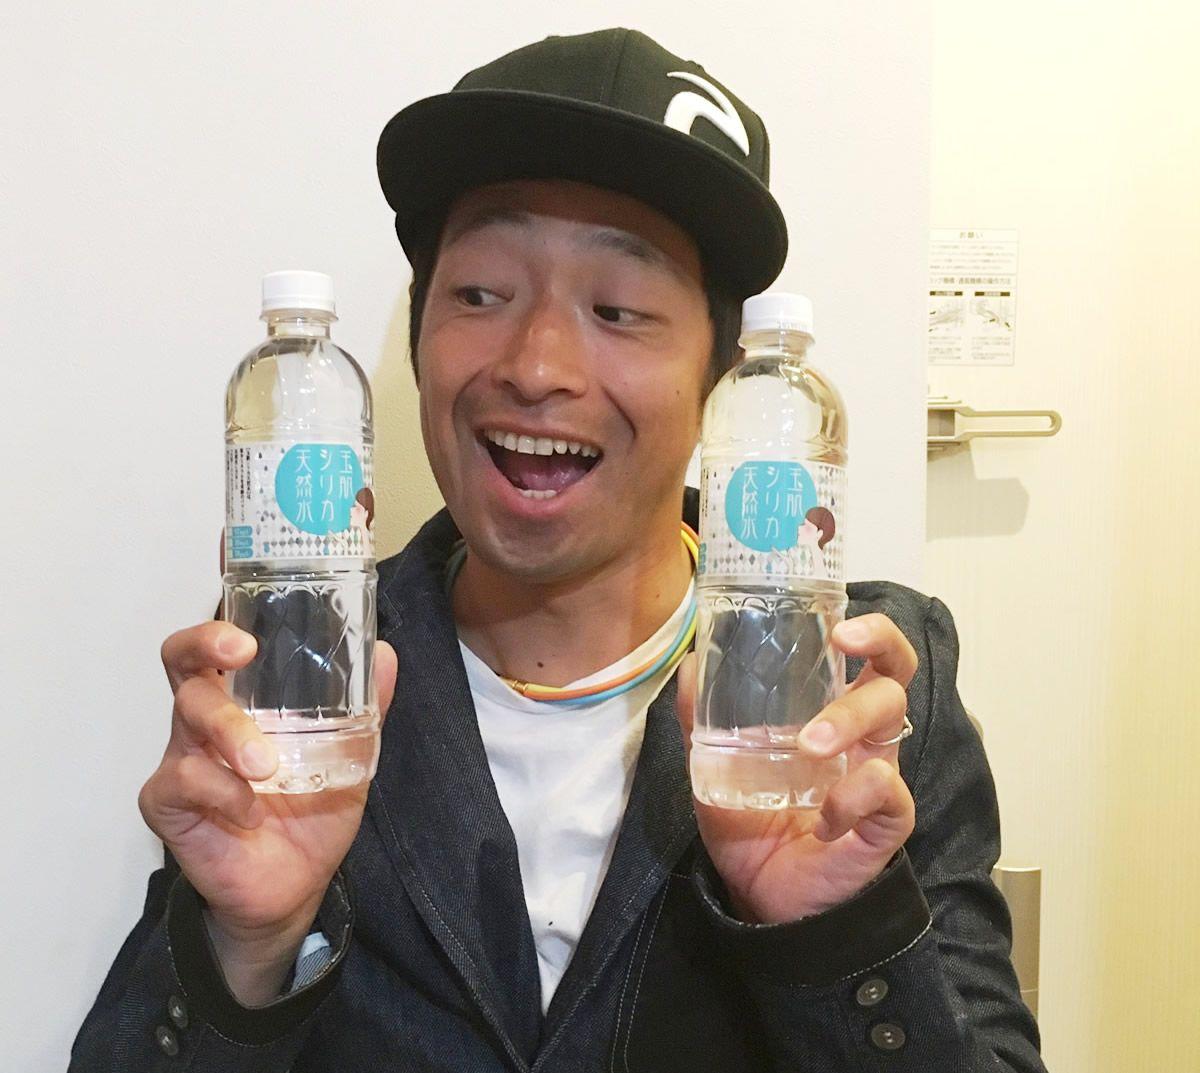 玉肌トーク 安田大サーカス 団長安田さん